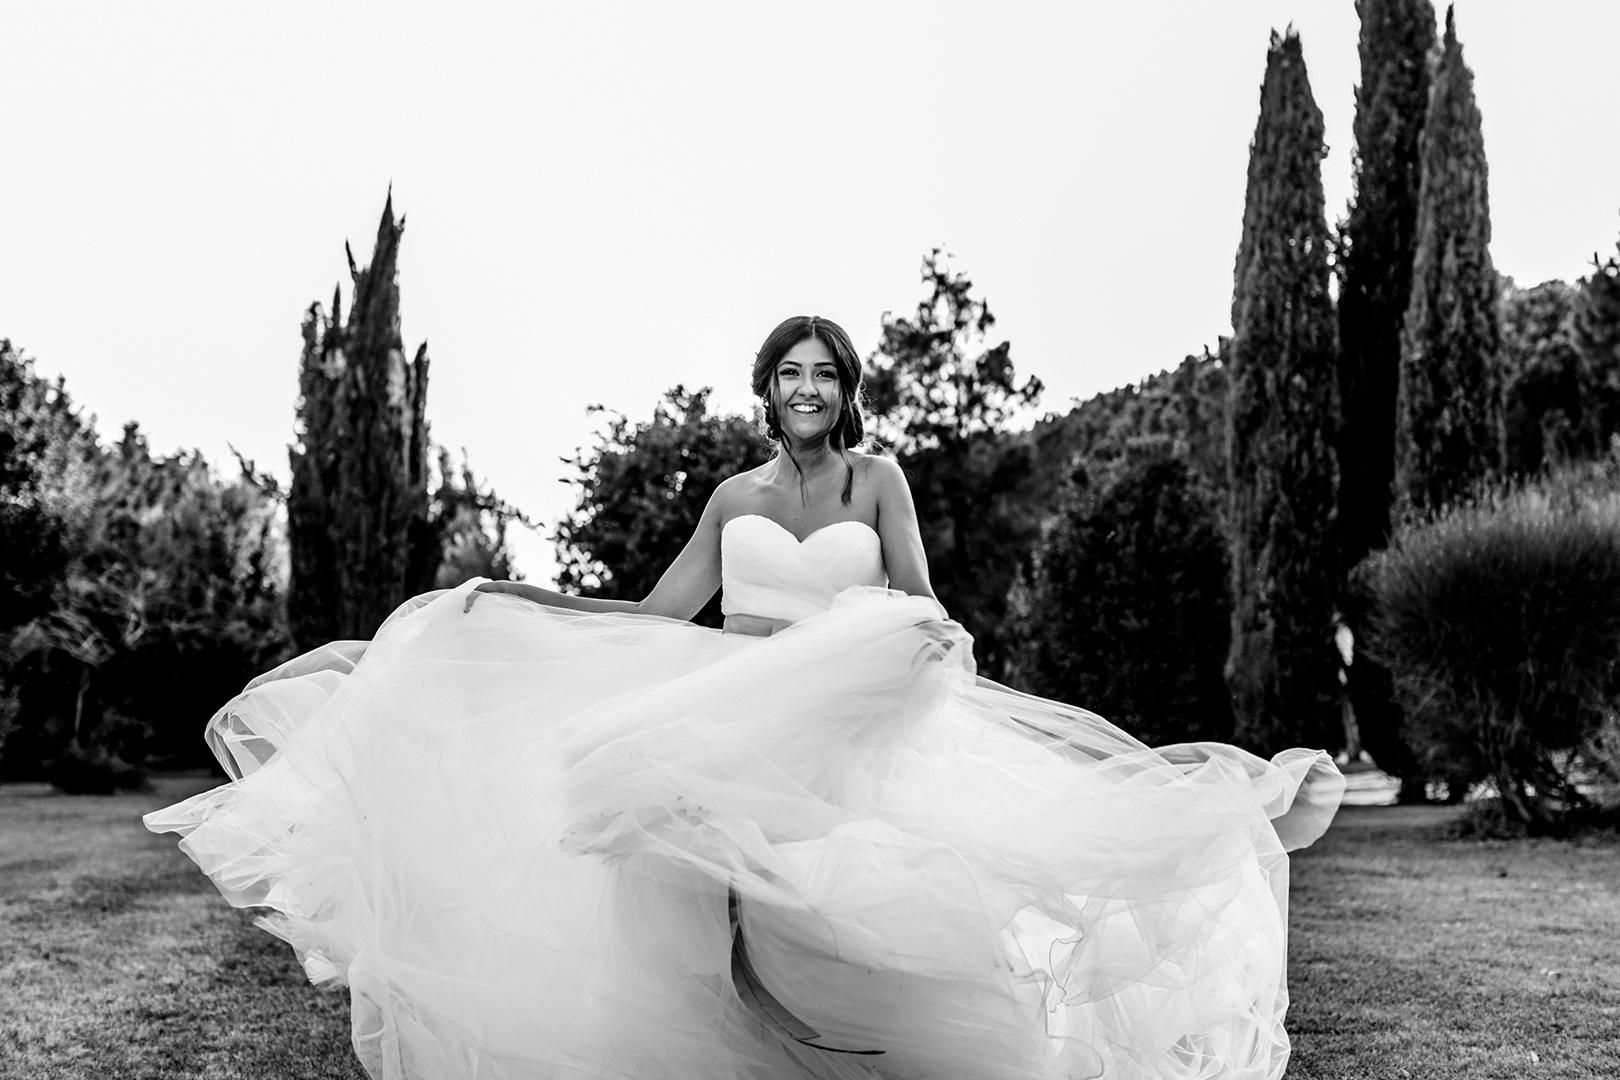 68 gianni-lepore-sposa-bride-bianco-nero-torre-andriana-fineart-matrimonio-foggia